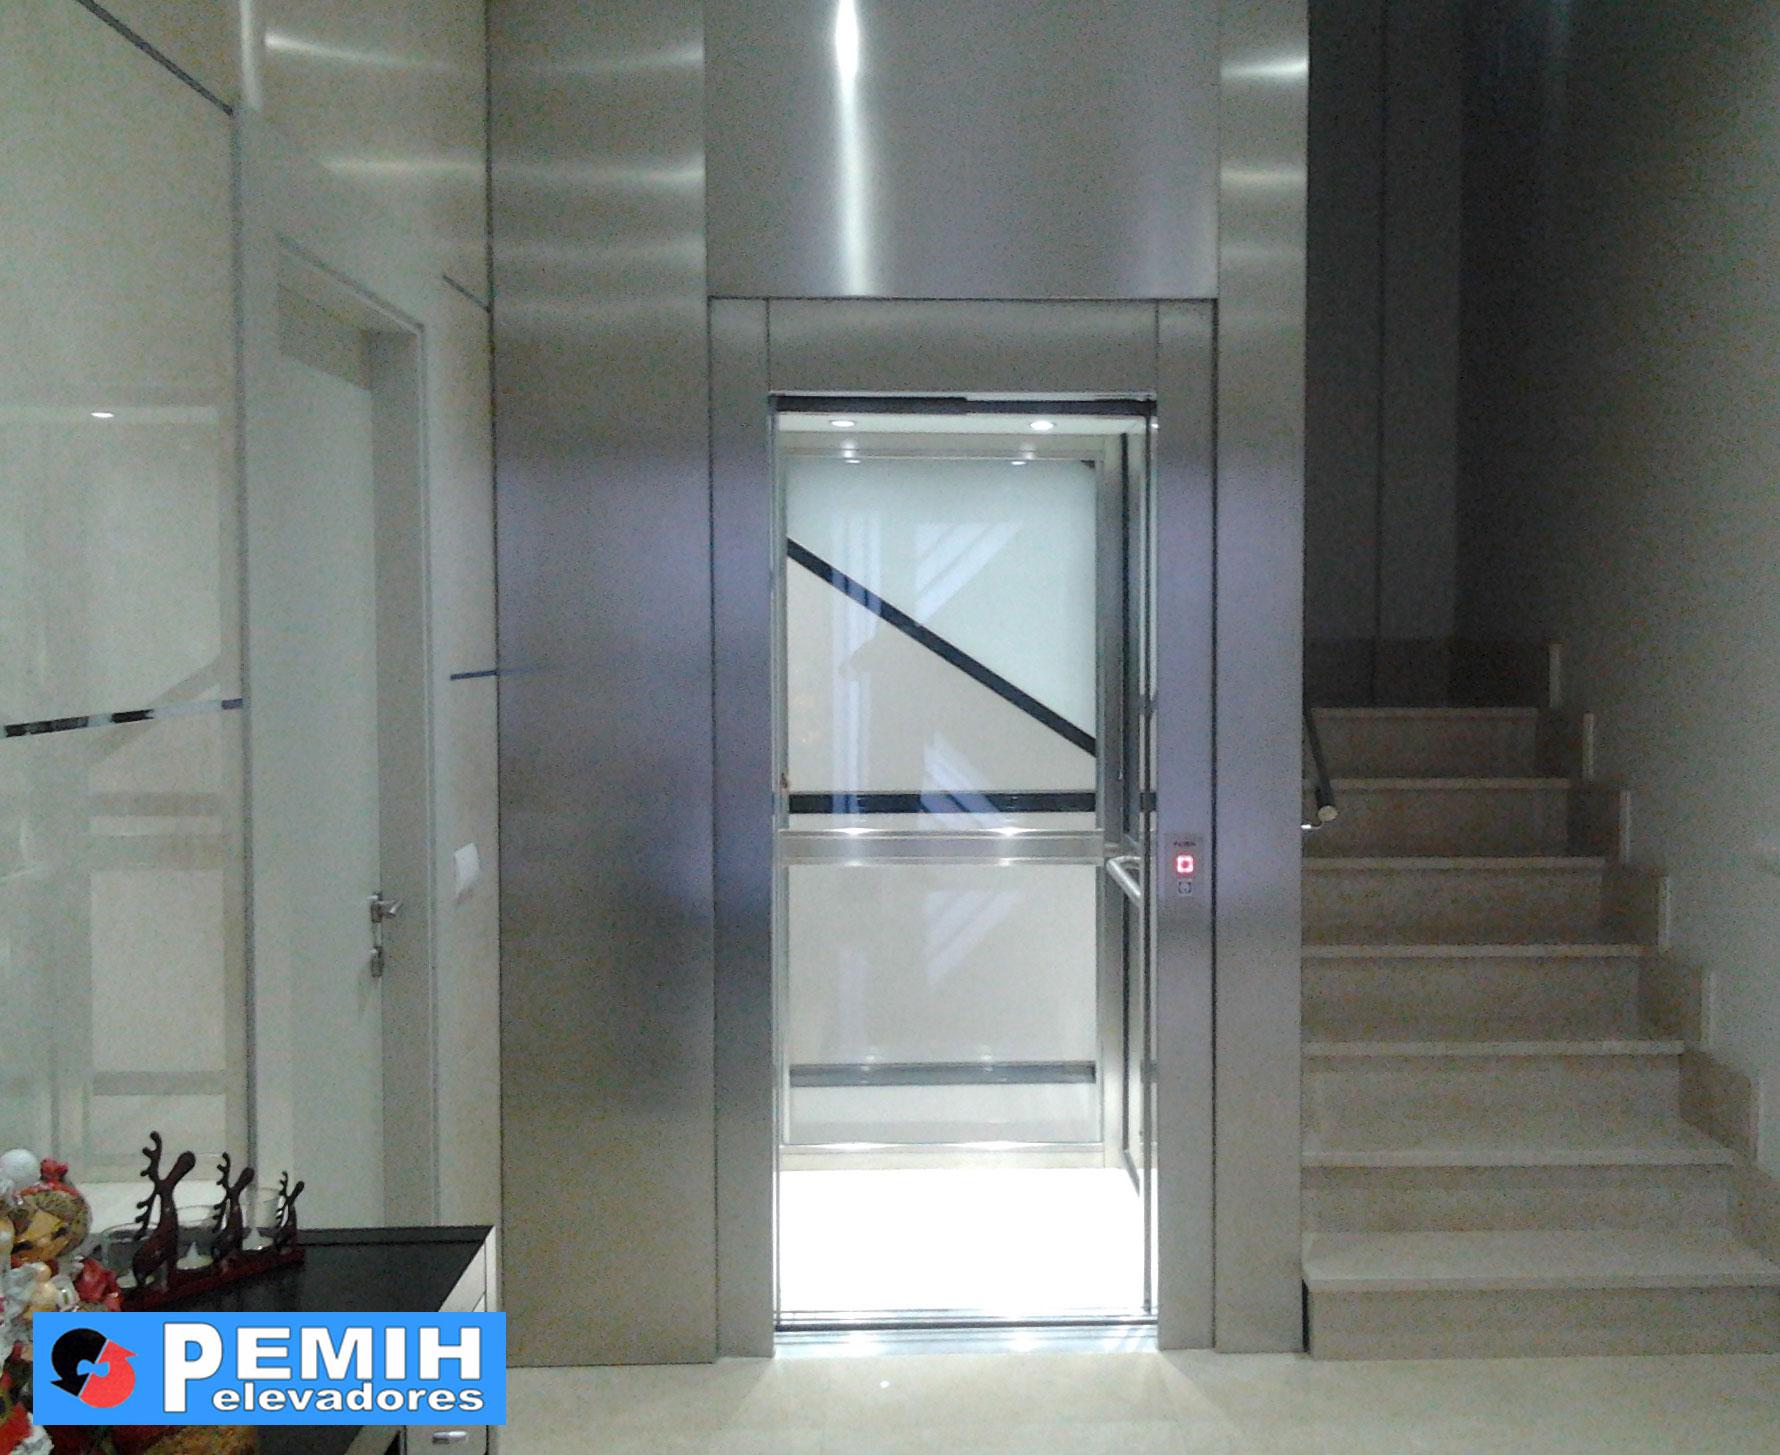 ascensor unifamiliar con frontis en acero inox. y puertas automaticas en acero inox.